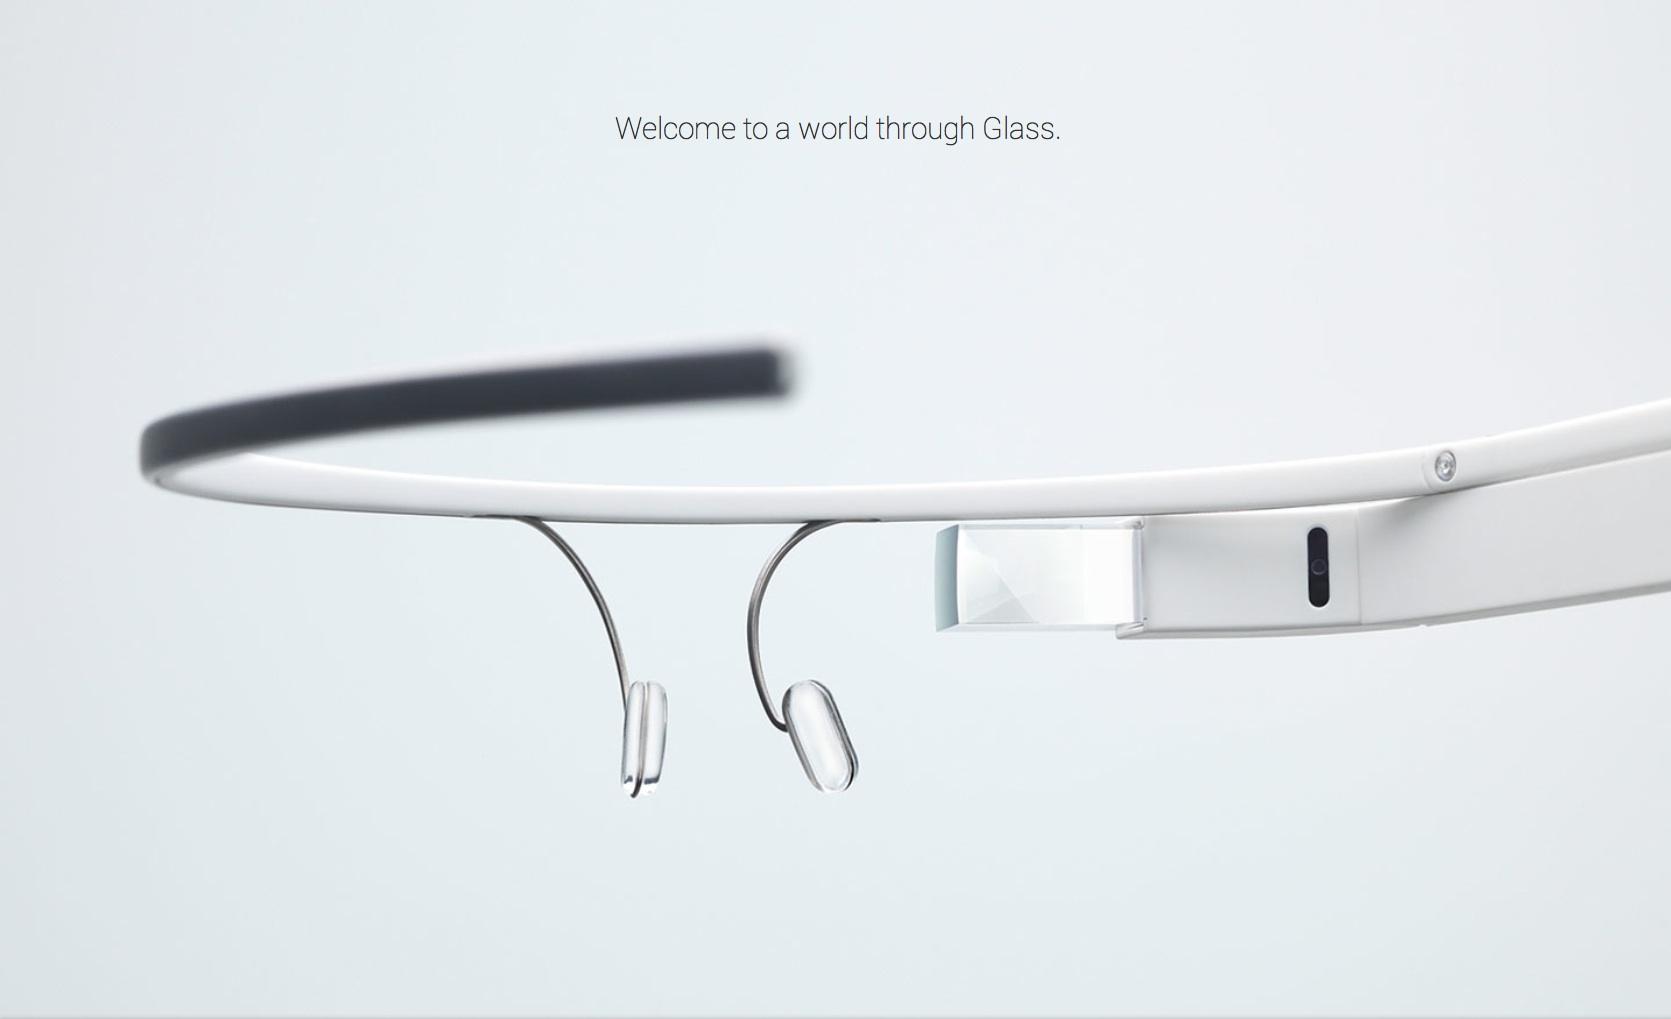 """Quellcode für Google Glass: """"Macht was Verrücktes damit"""" - Google Glass (Bilder: Google)"""